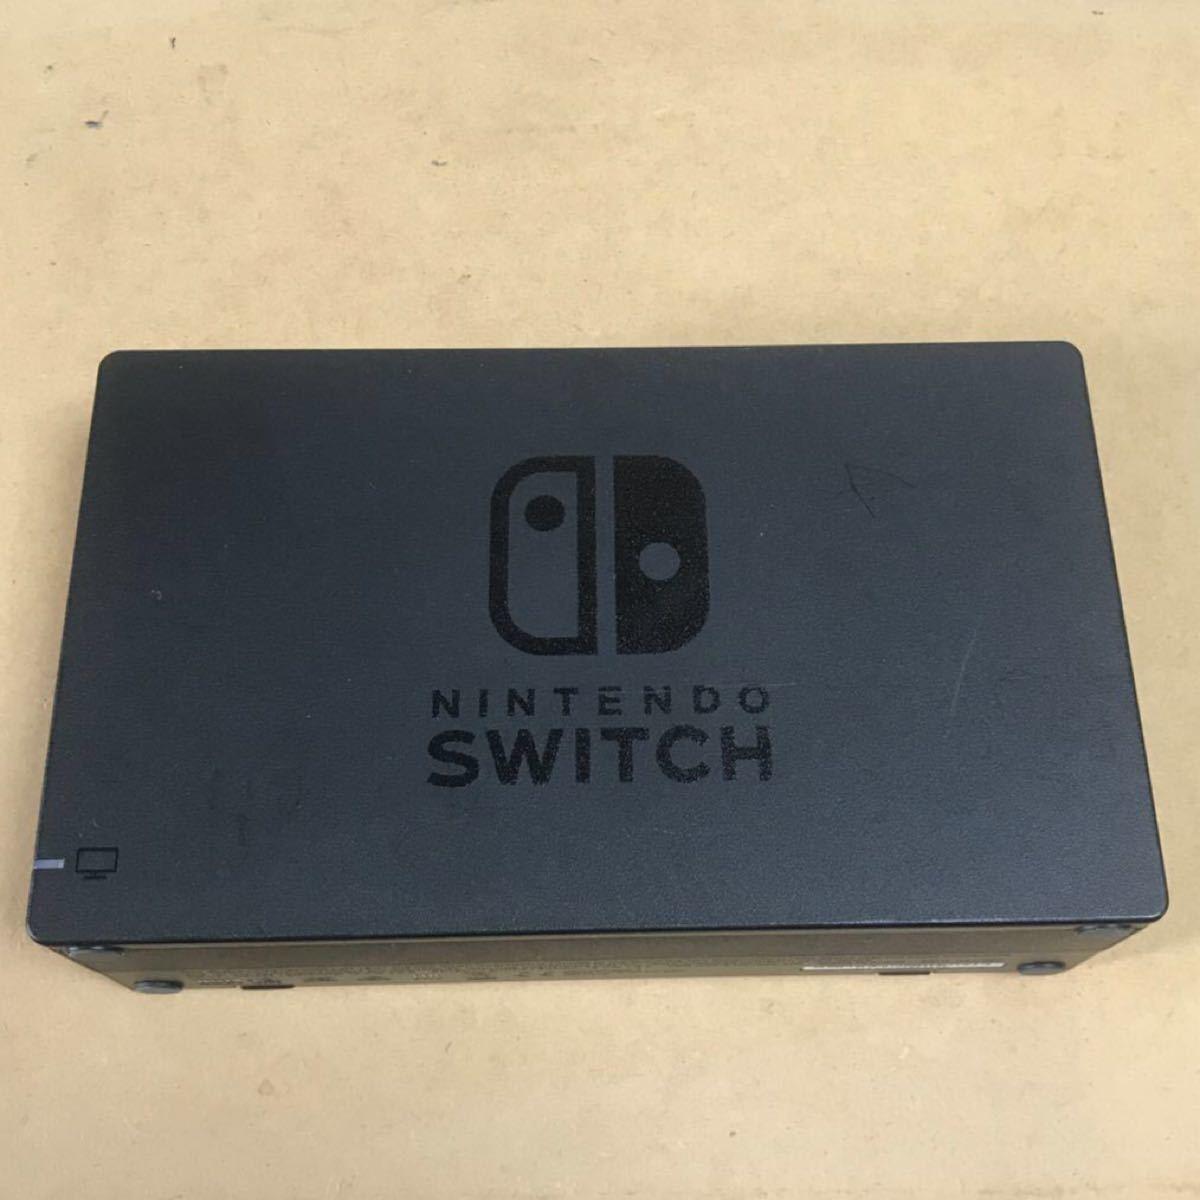 ニンテンドースイッチ ドックのみ 純正品 Nintendo Switch